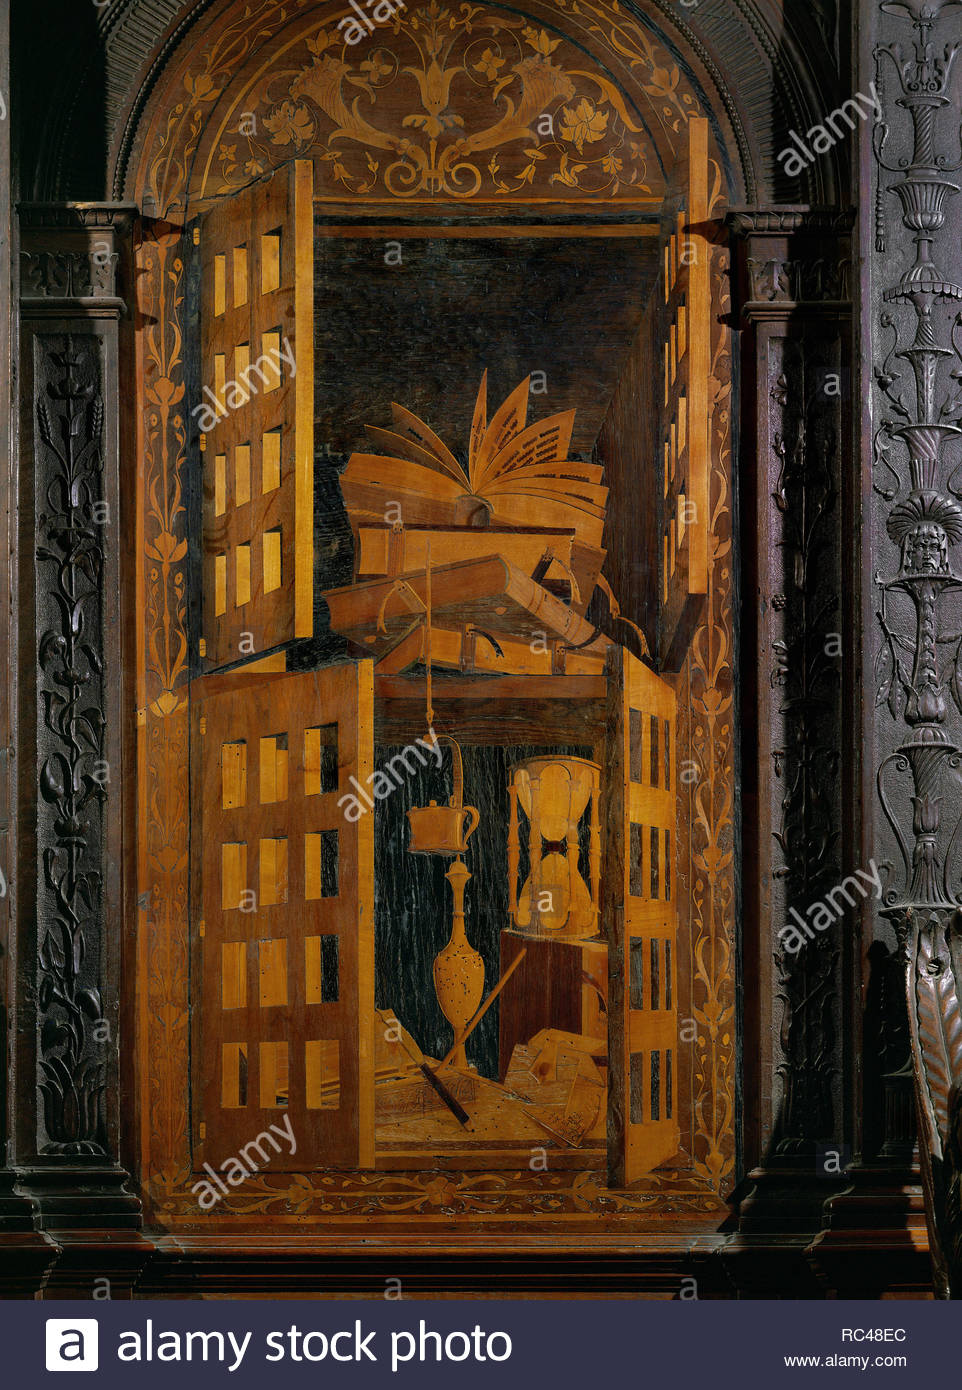 Los libros y el reloj en un armario. Incrustaciones de madera de la sillería del coro (1499). Autor: Fra Giovanni da Verona. Lugar: Iglesia de Santa Maria in Organo, Verona, Italia. Imagen De Stock